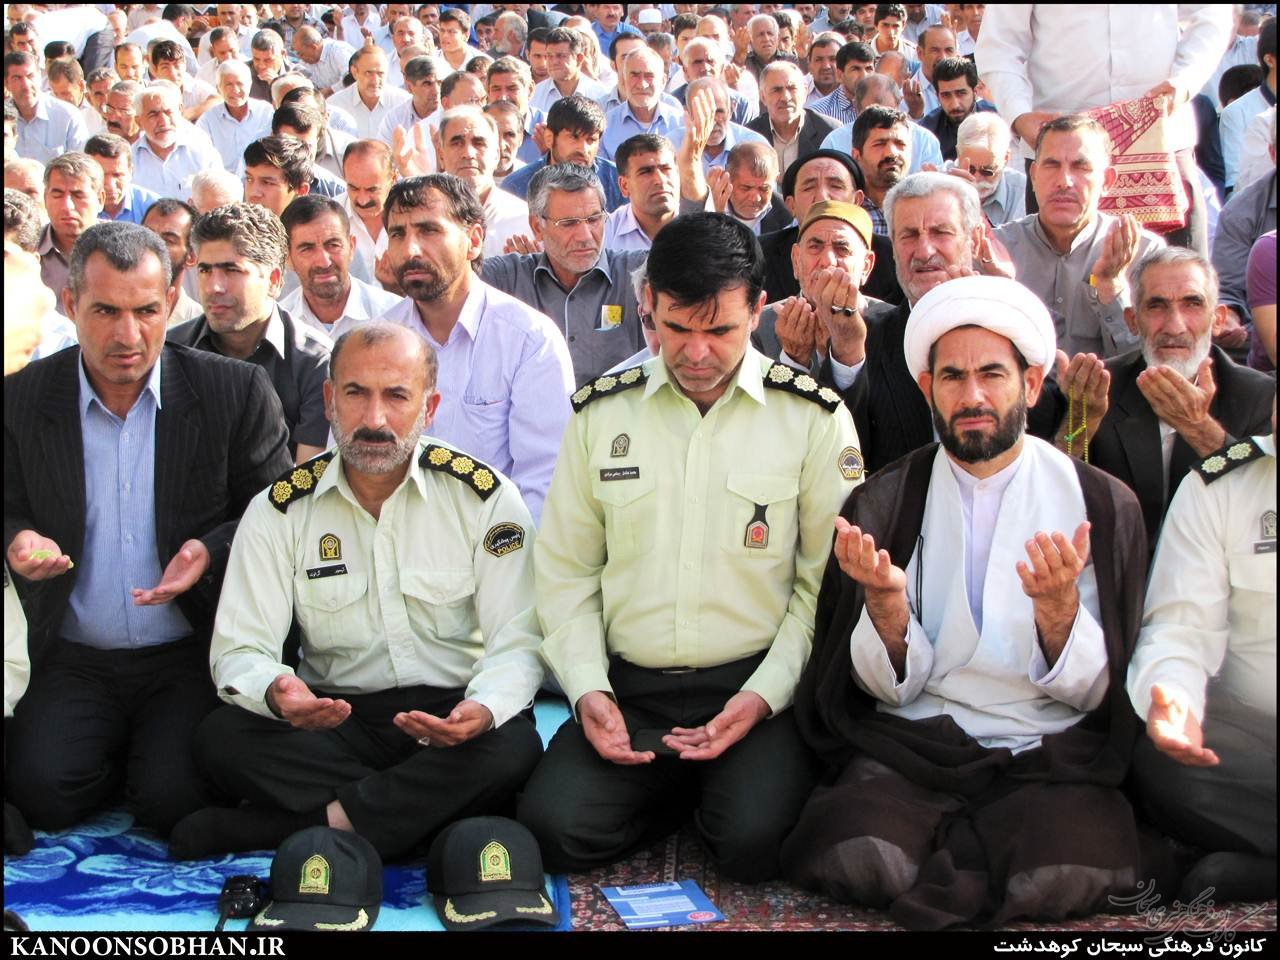 گزارش تصویری نماز عید سعید فطر 93 کوهدشت لرستان/کانون سبحان کوهدشت/ عکس:حمید آدمی 93